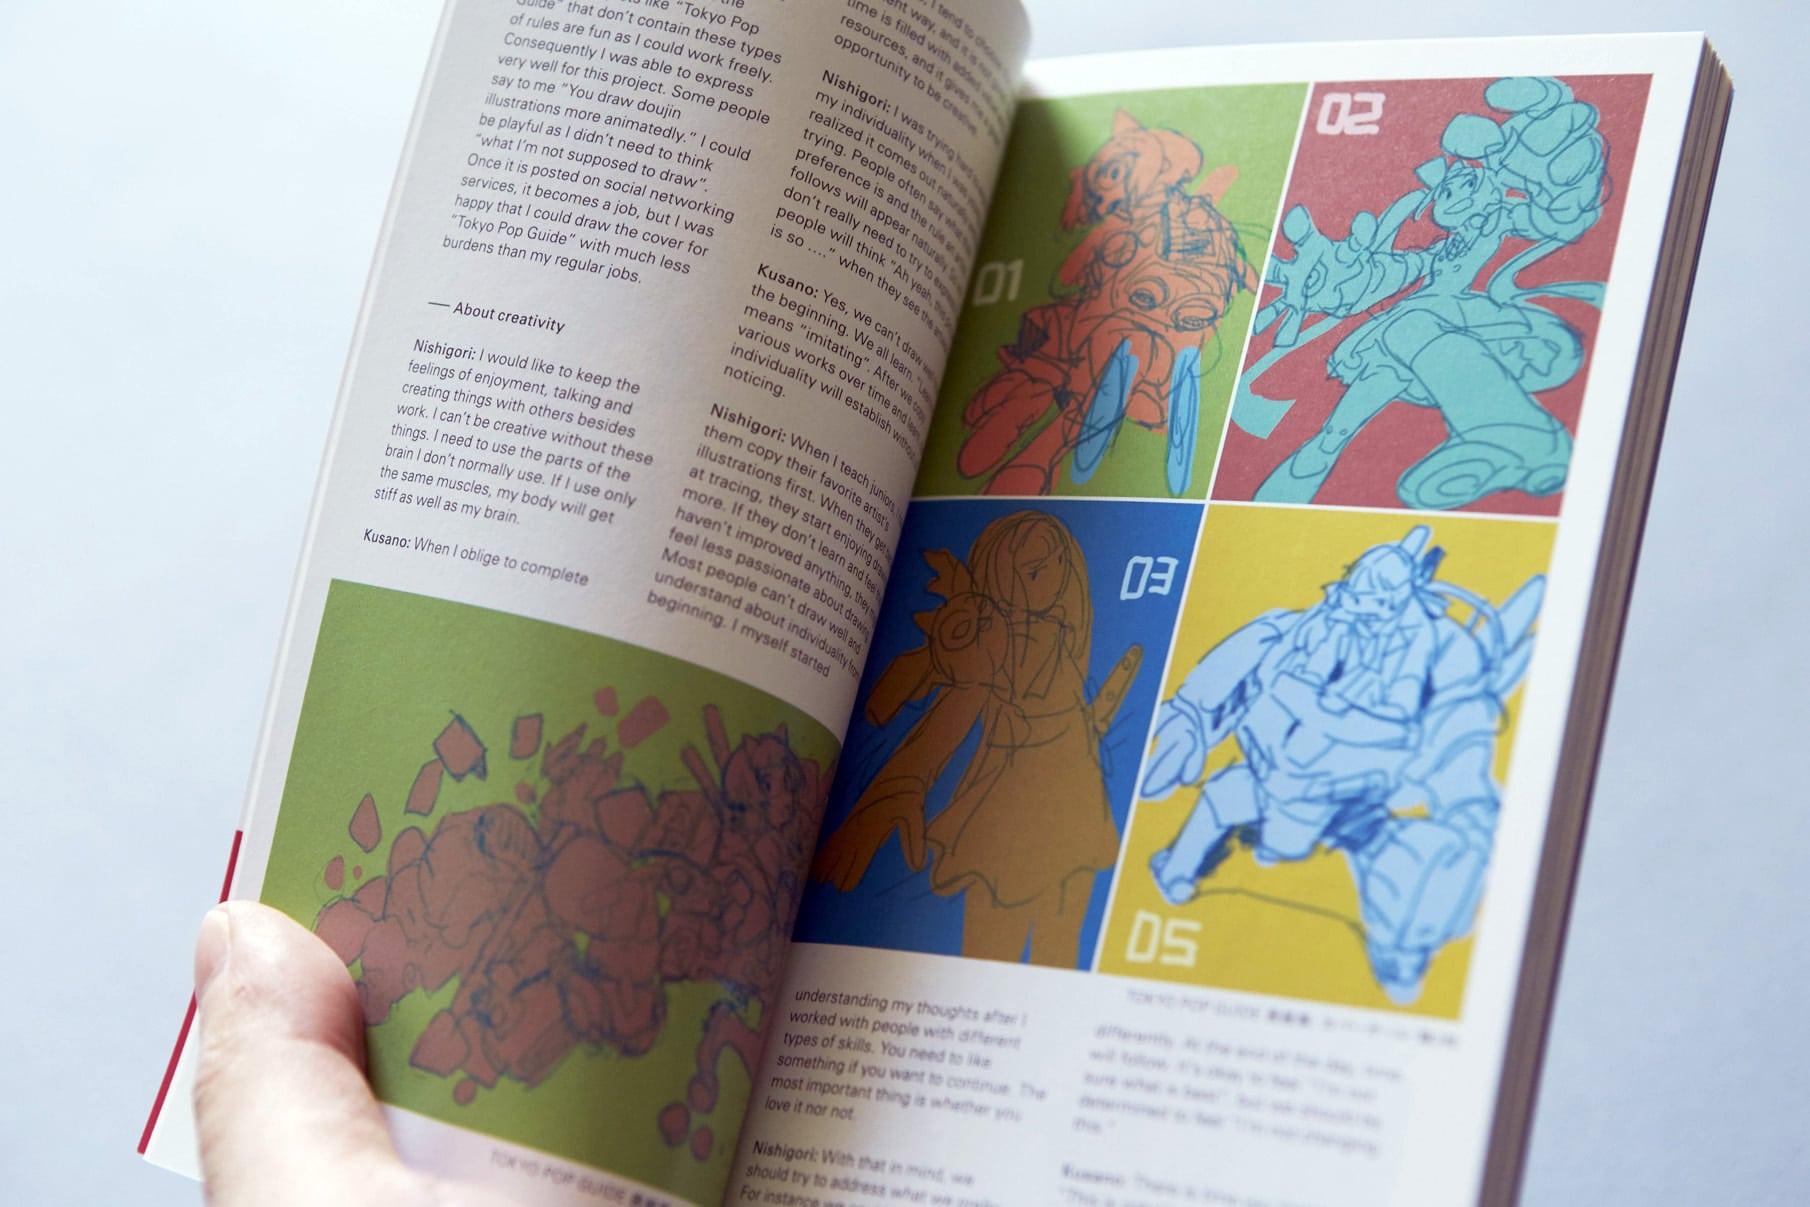 Tokyo Pop Guide Vol.1 - Culture Guide Book 6